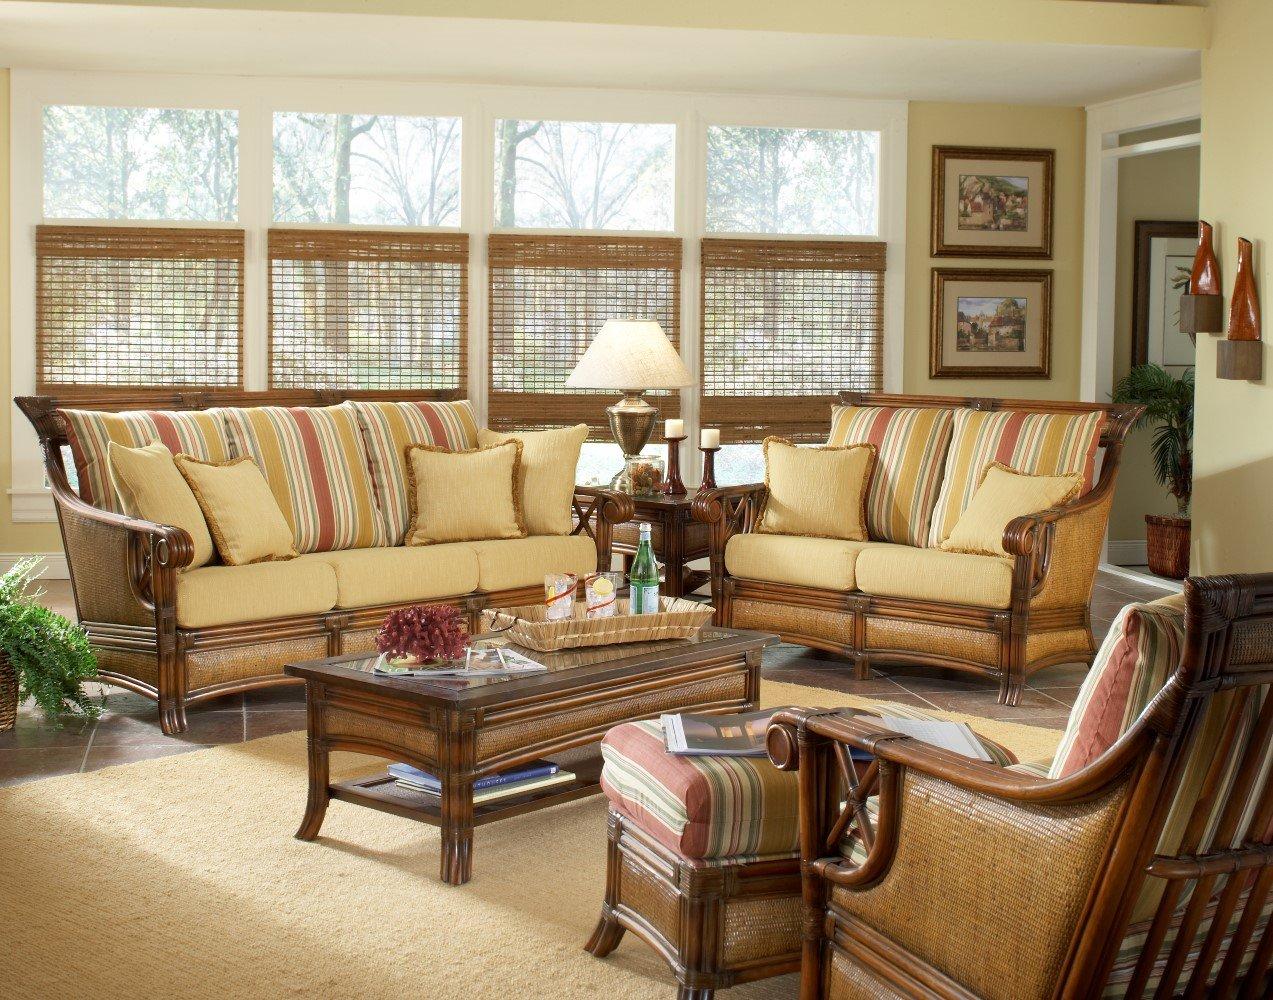 Simple Indoor wicker set sunroom furniture sets